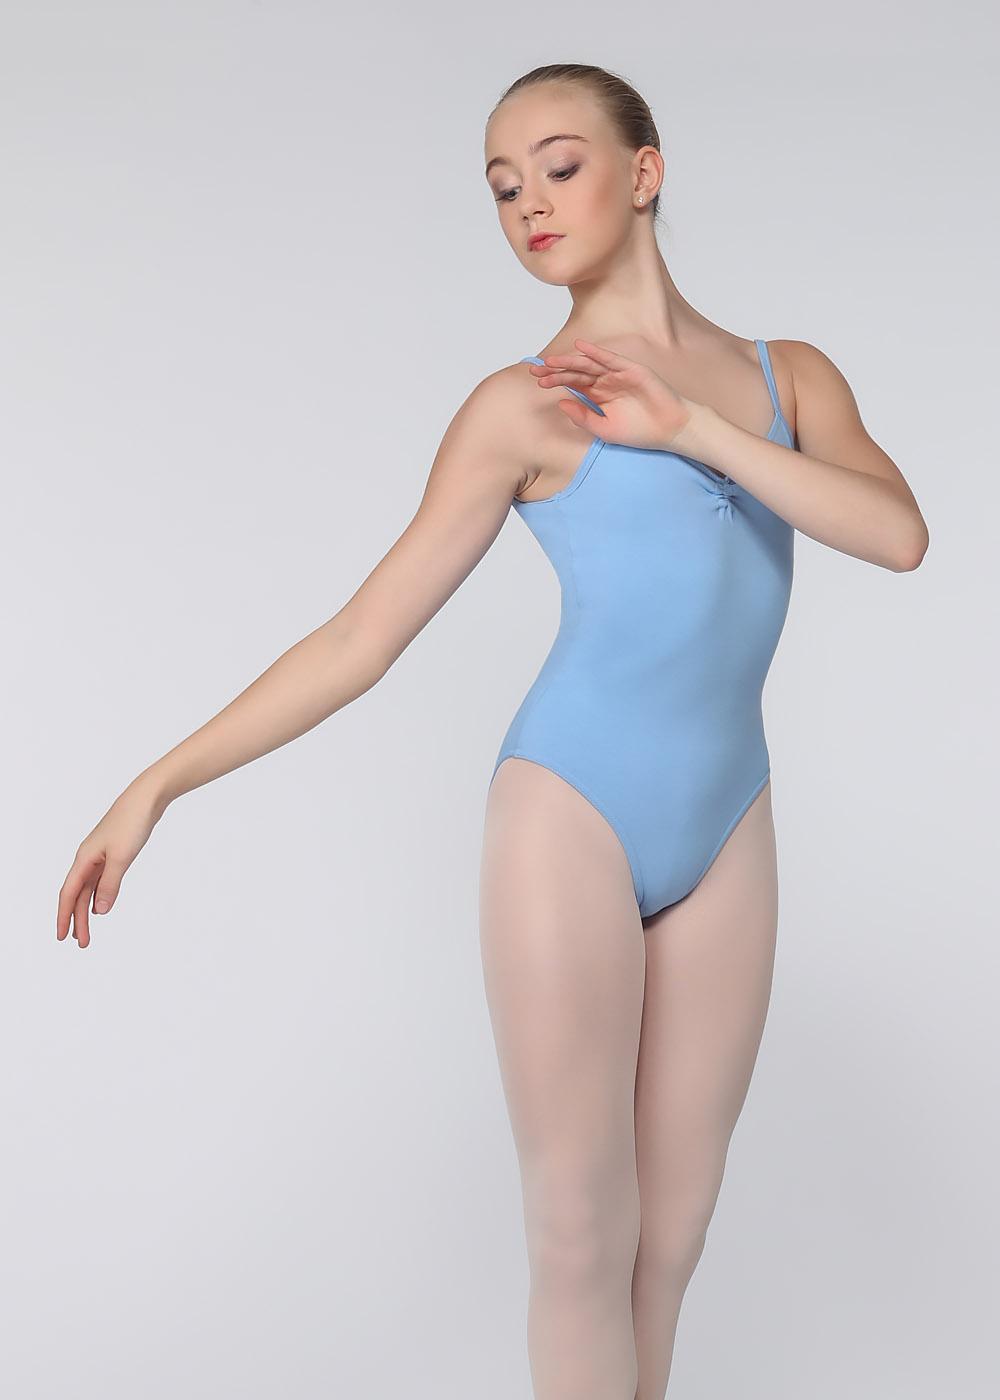 Grishko, vaaleansininen balettipuku